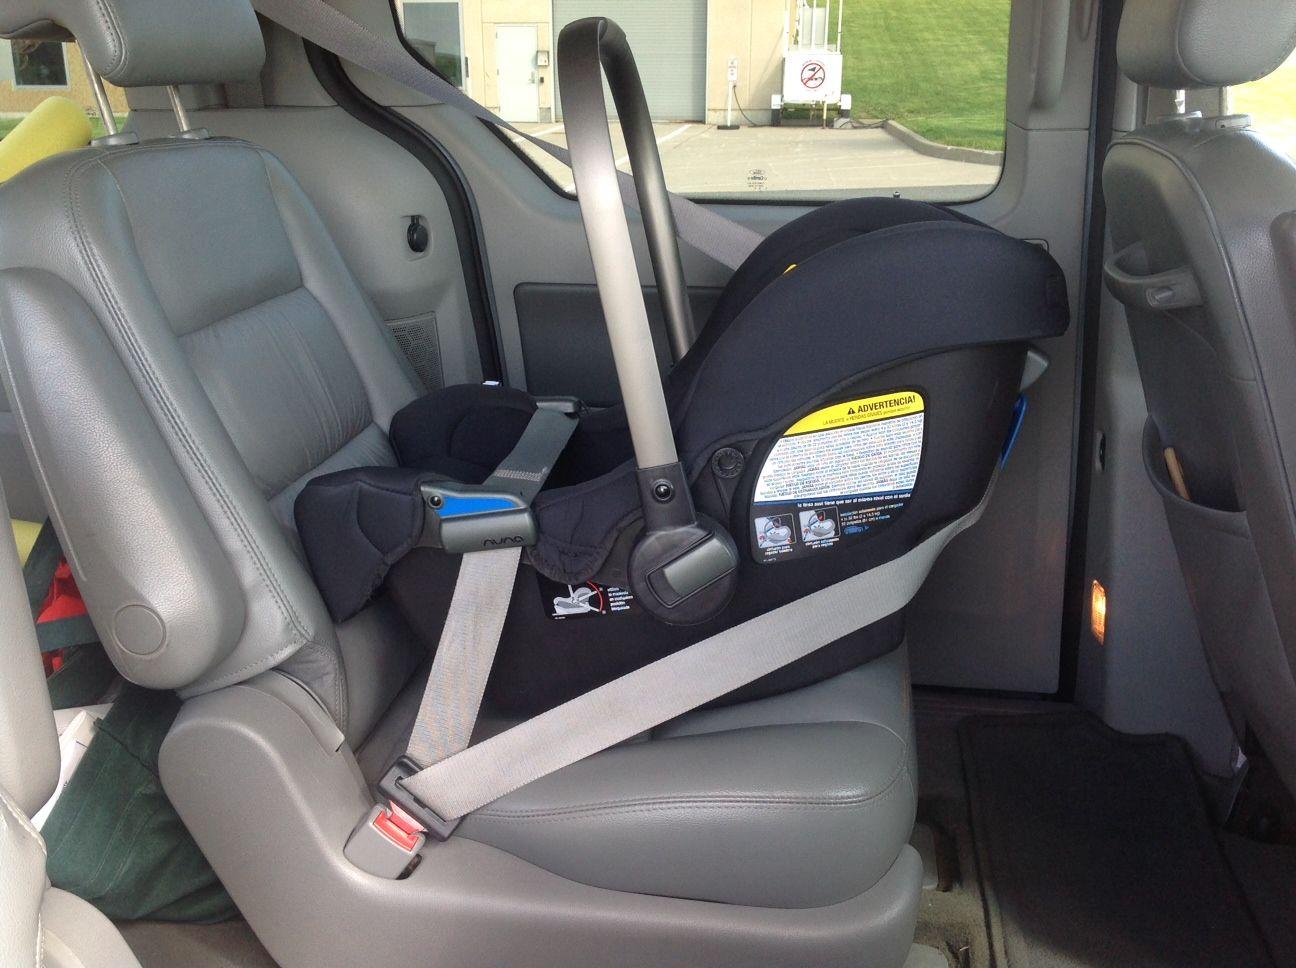 37+ Nuna pipa car seat manual info